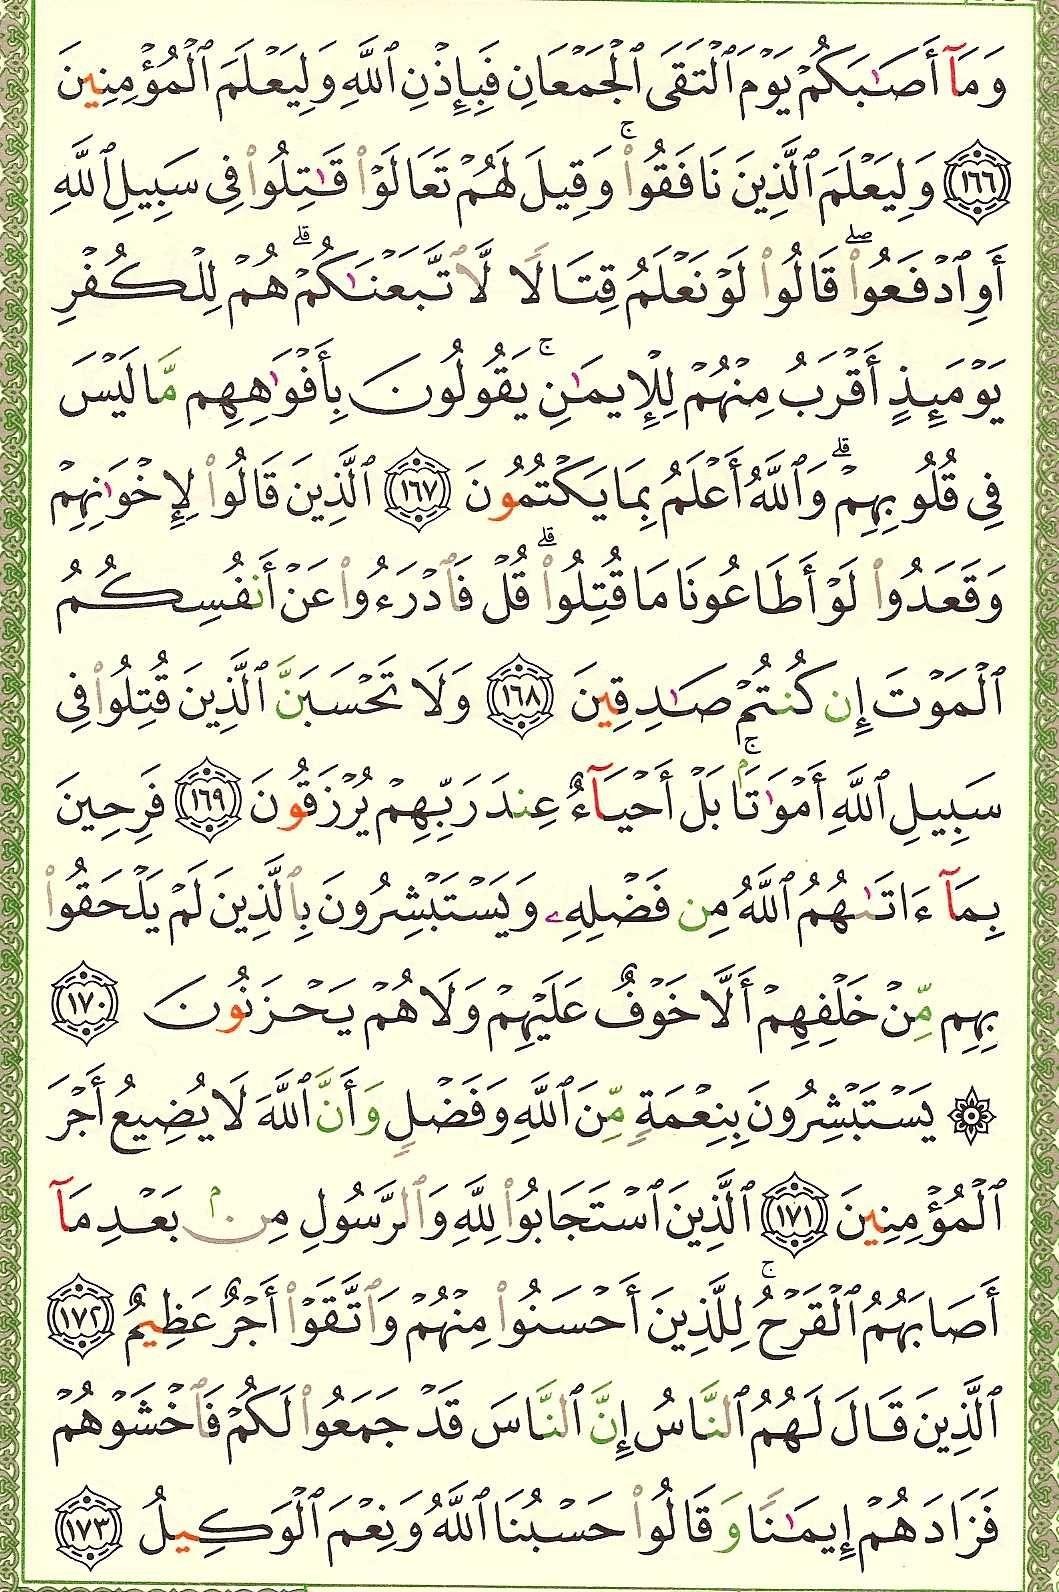 3. سورة آل عمران - Al-Imran مصورة من المصحف الشريف 072